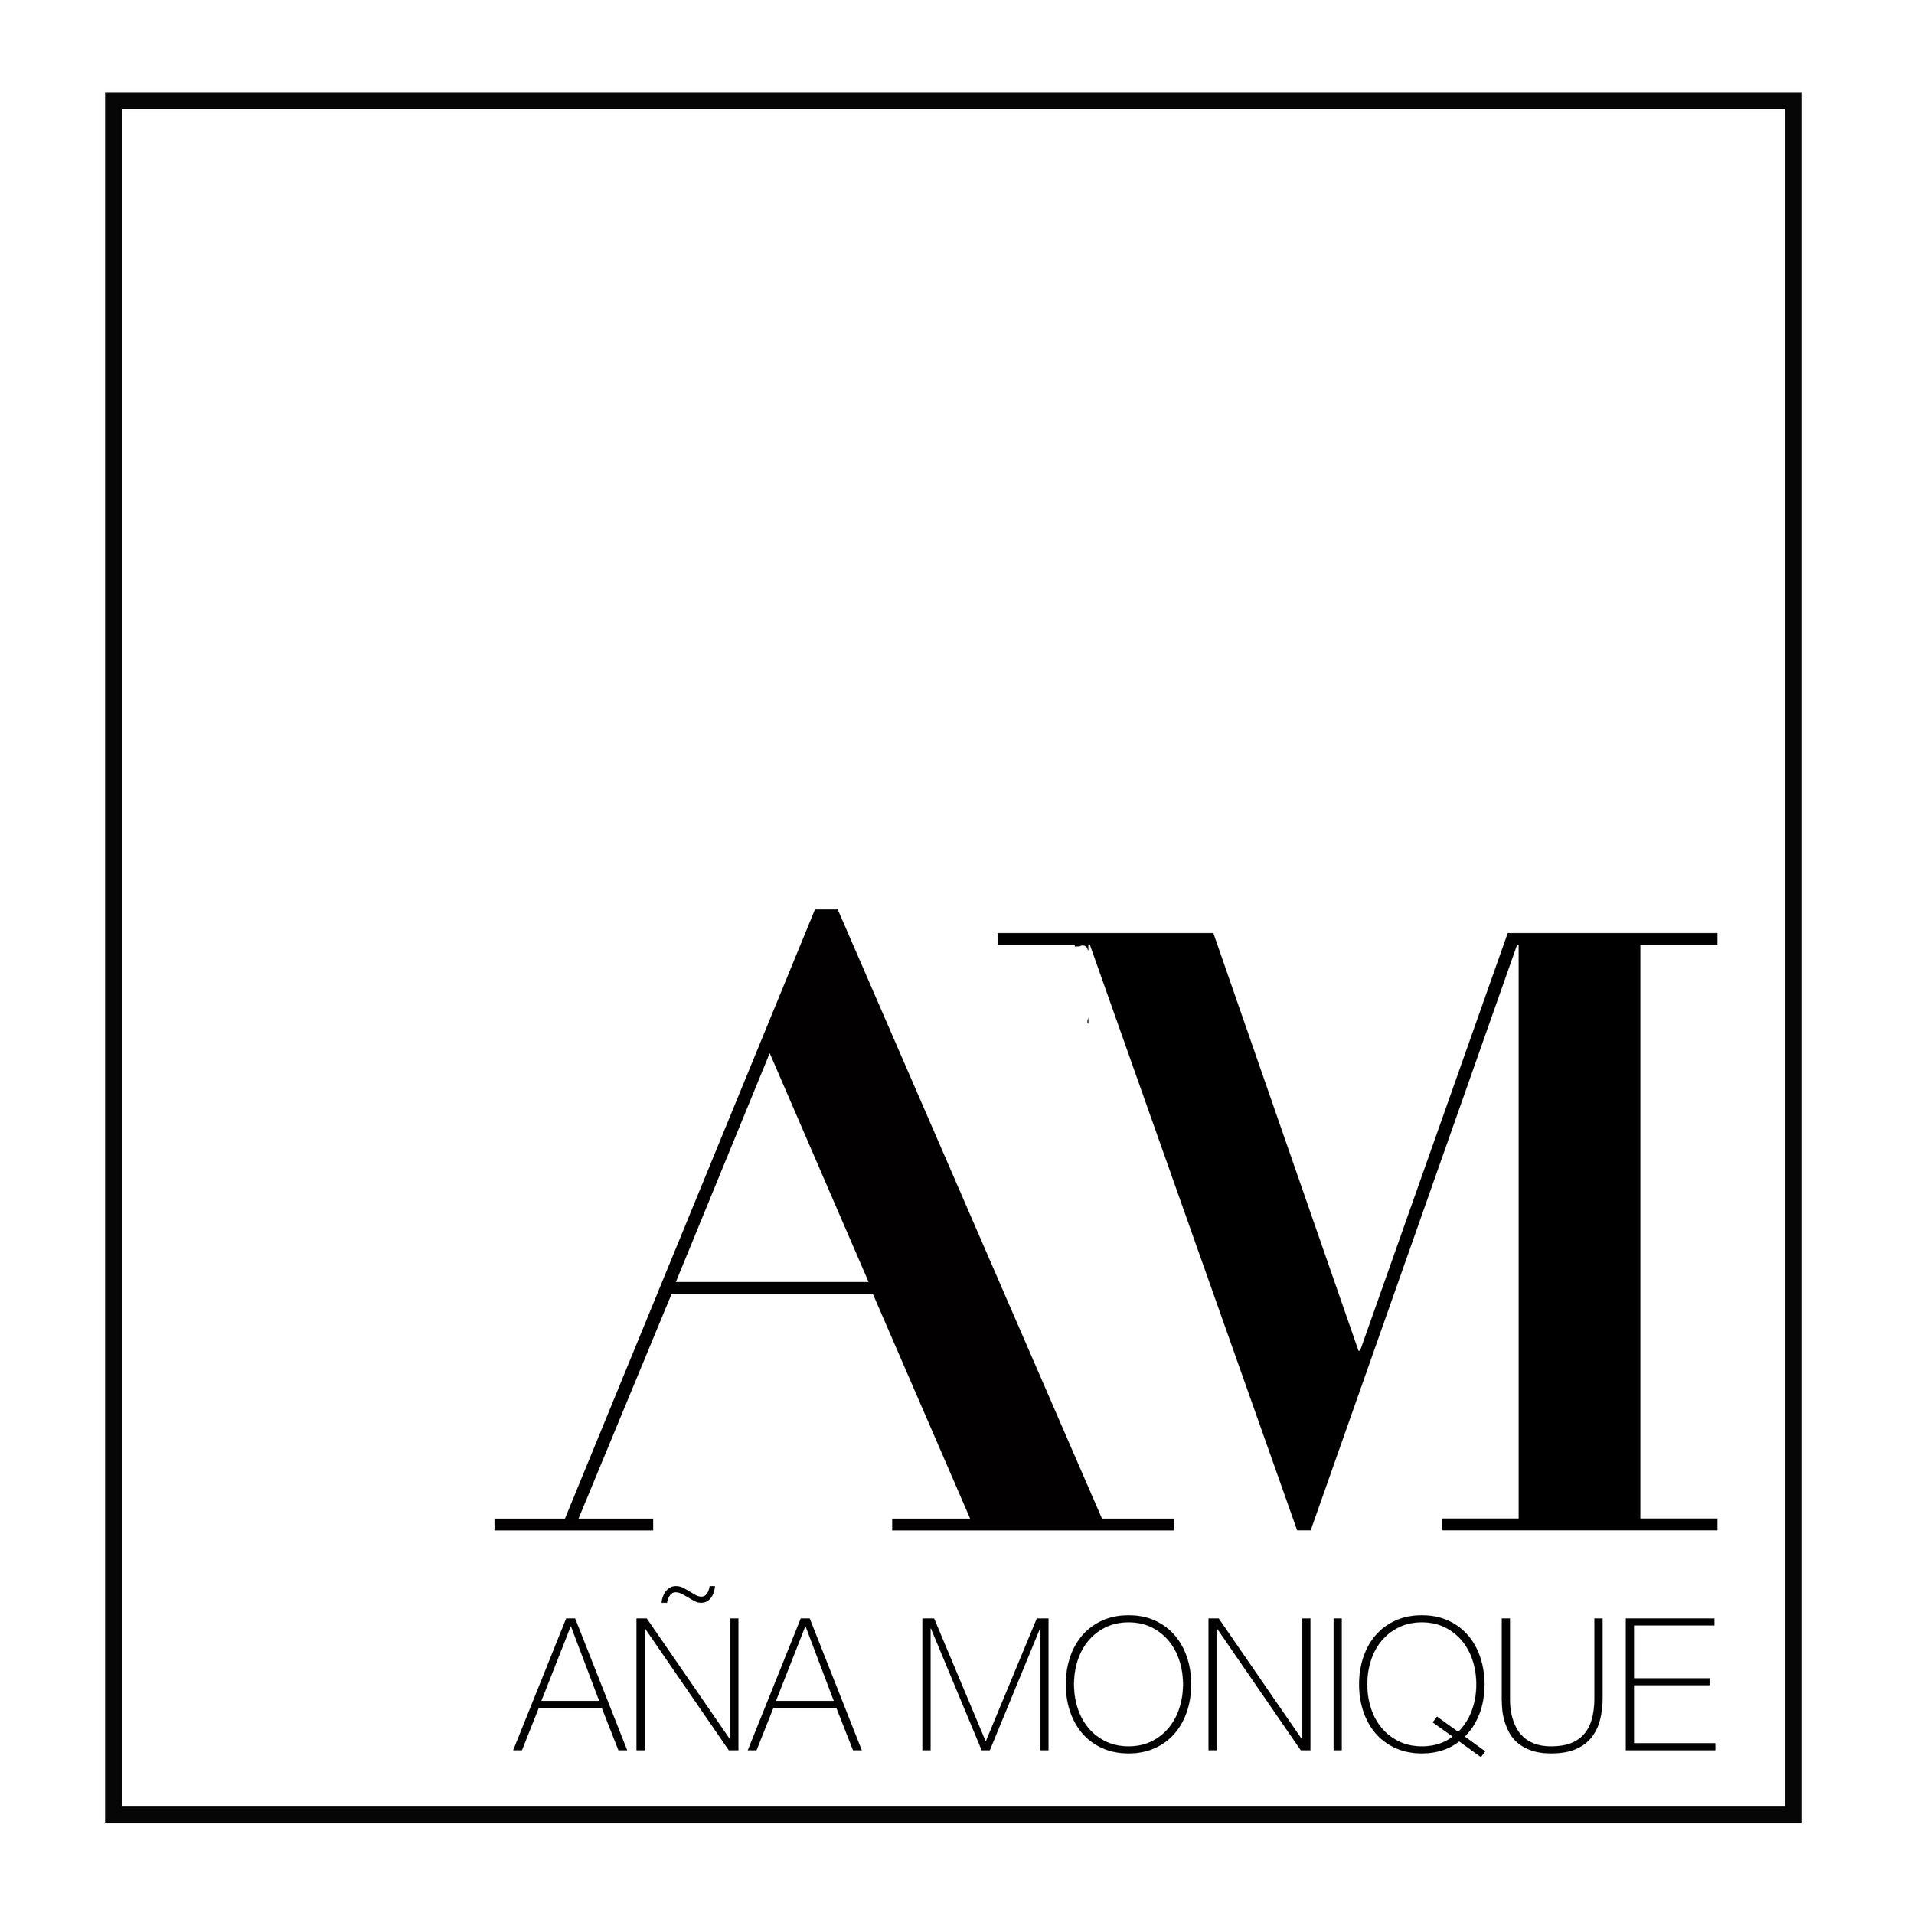 AÑA MONIQUE BEAUTY